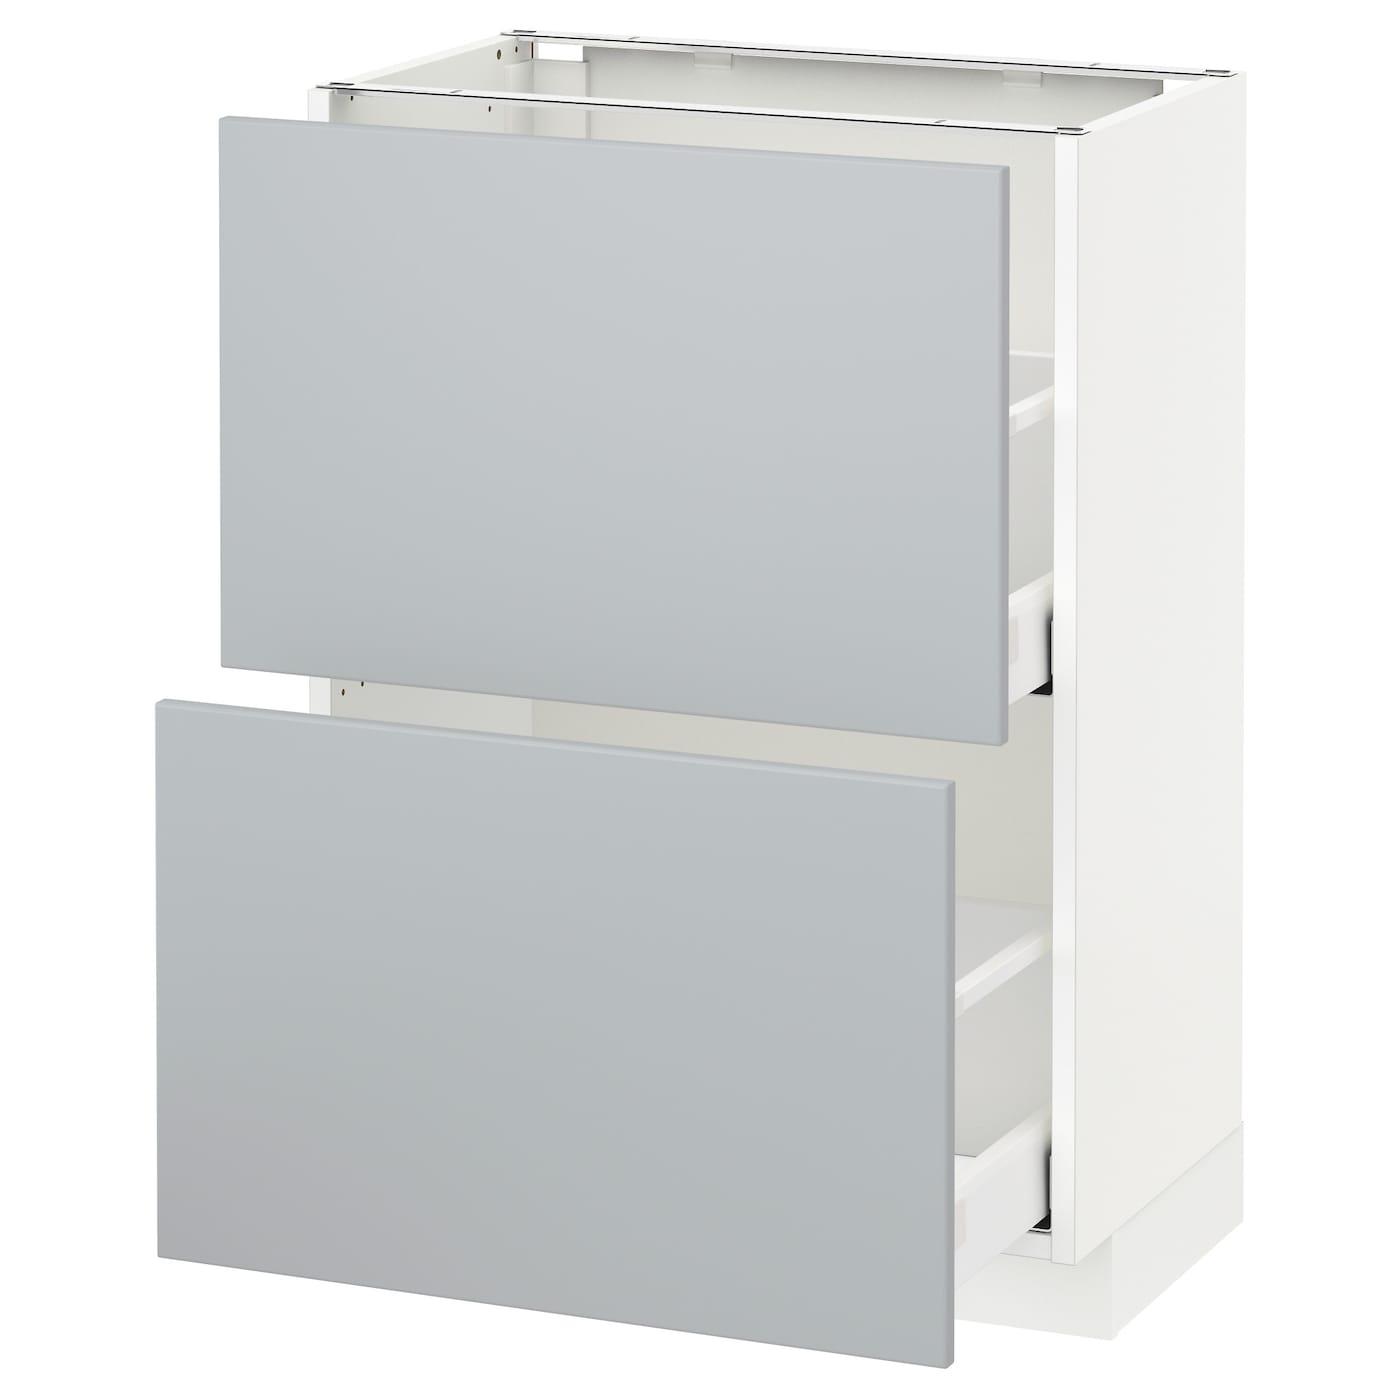 METOD, Unterschrank mit 2 Schubladen, weiß 892.693.73